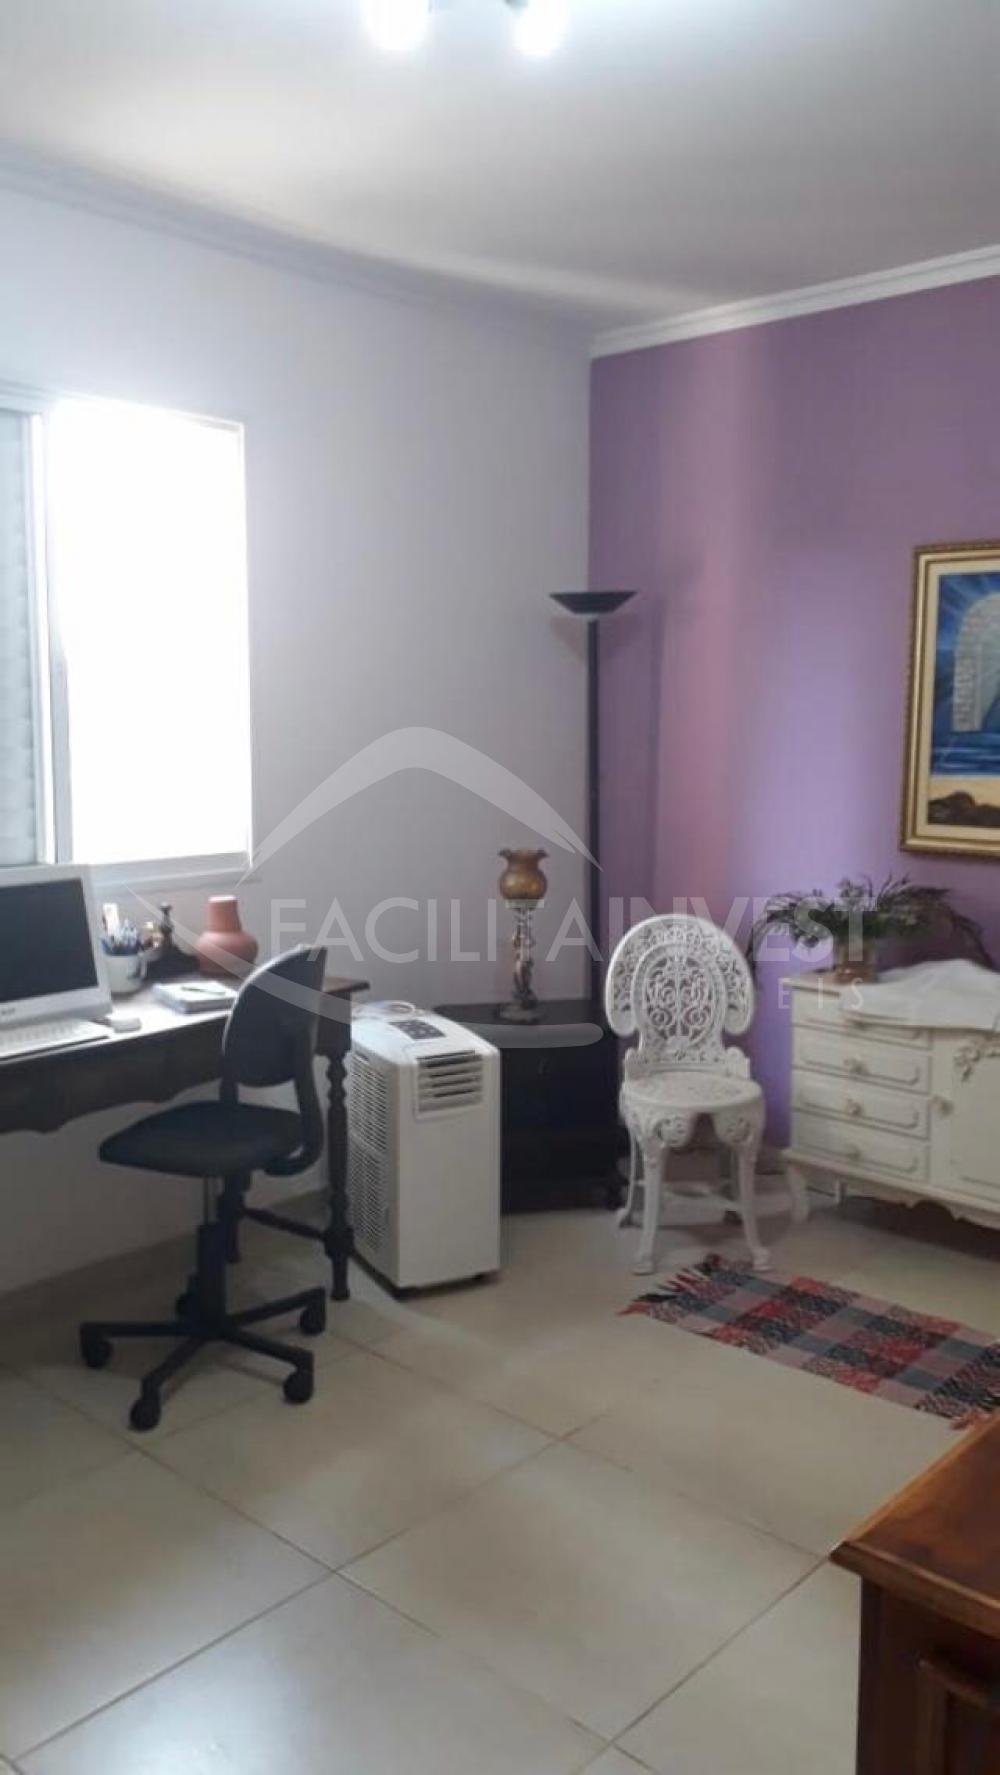 Comprar Apartamentos / Apart. Padrão em Ribeirão Preto apenas R$ 477.000,00 - Foto 12